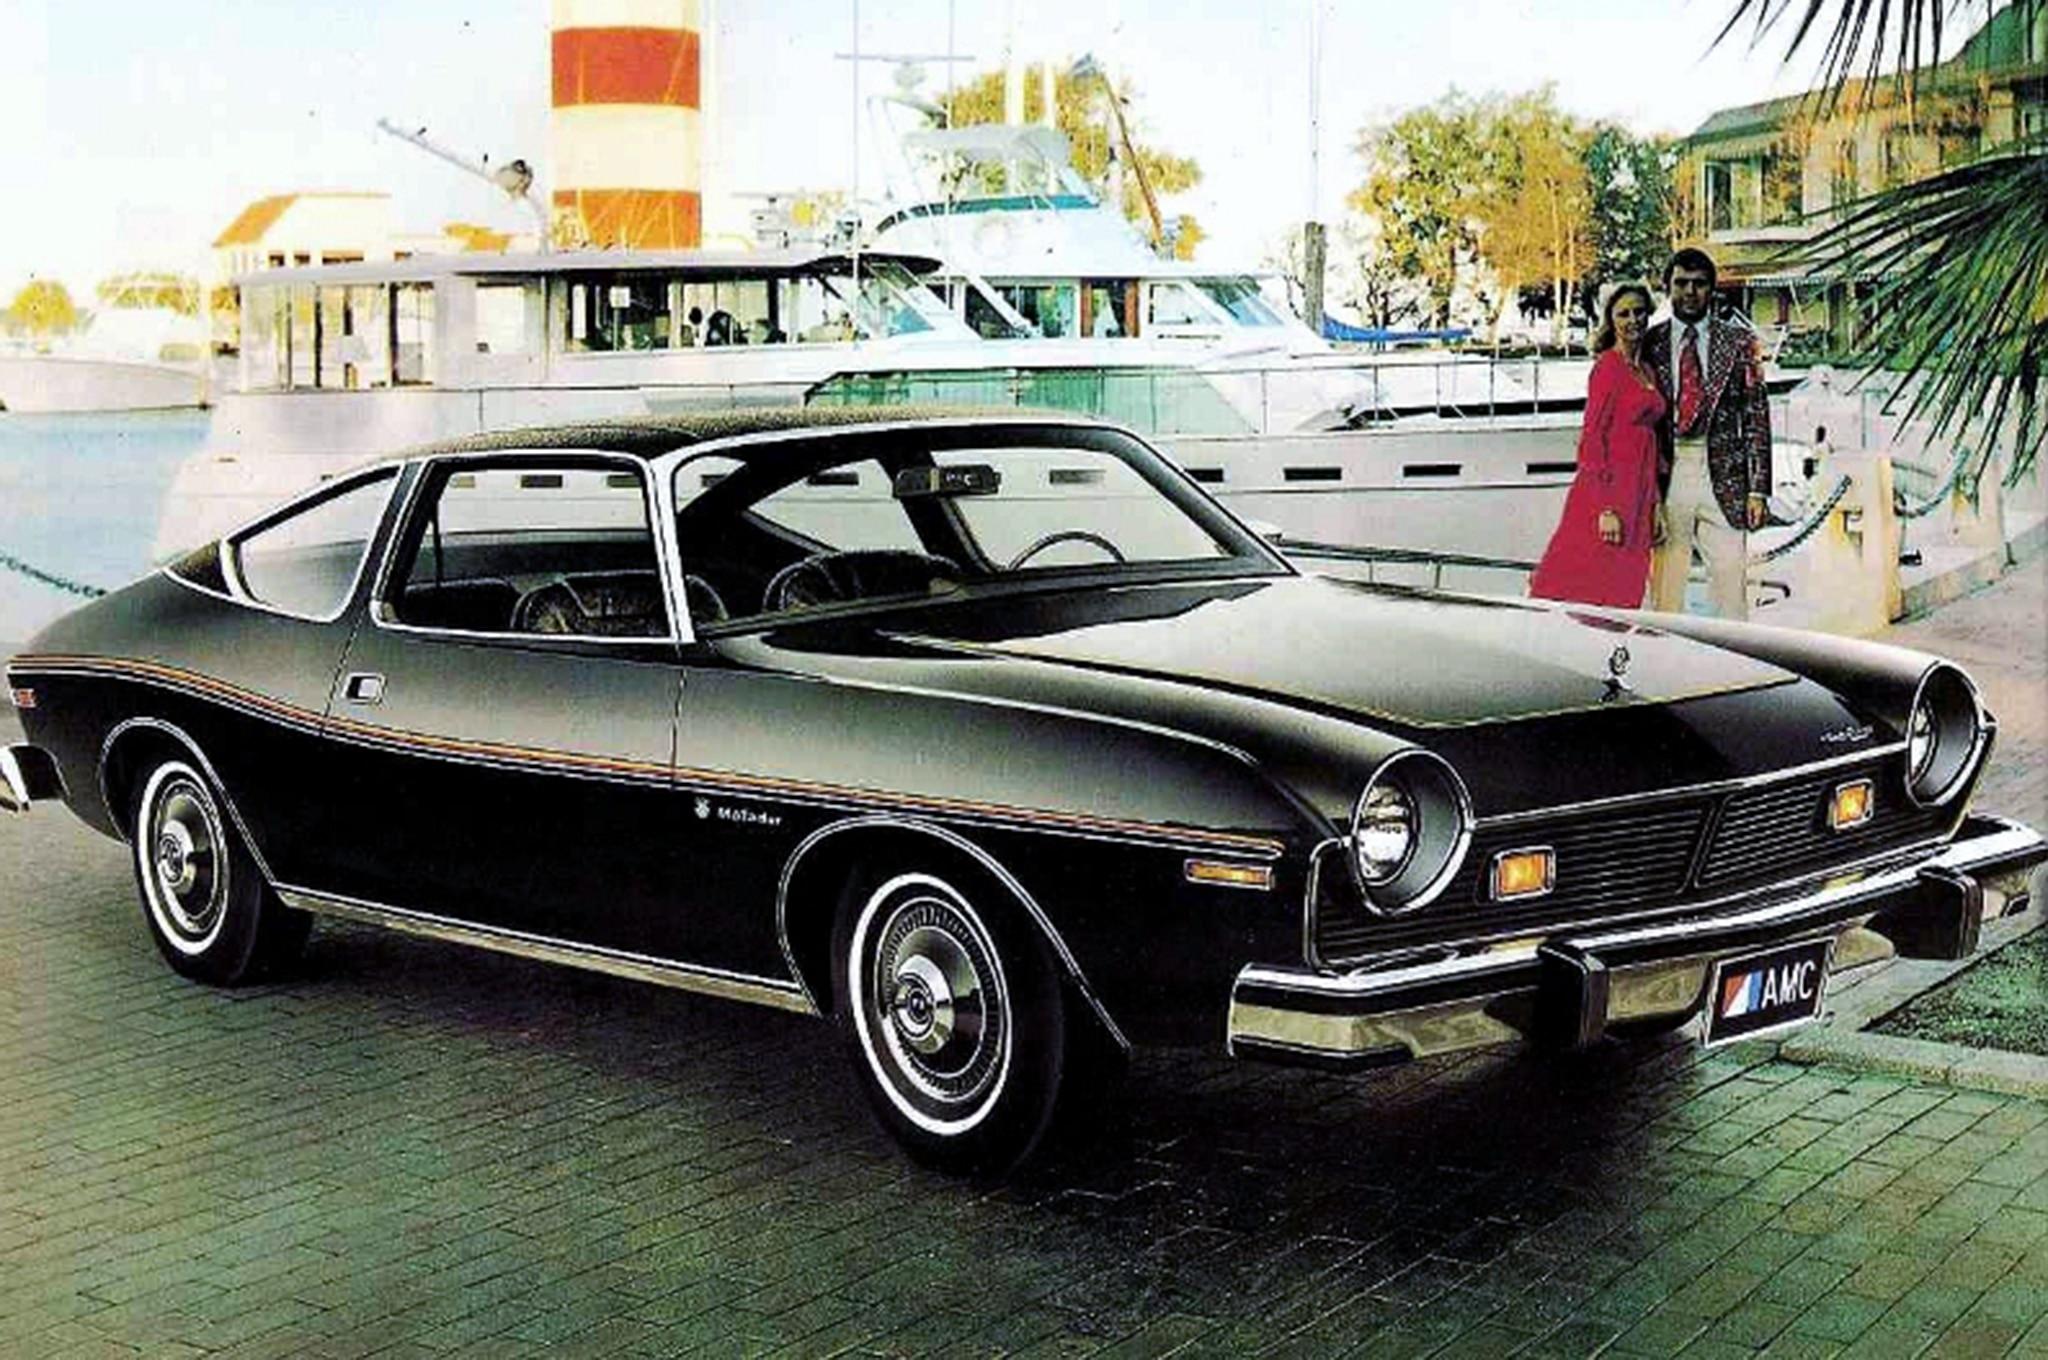 Matador Car: The 10 Strangest Special-Edition Cars